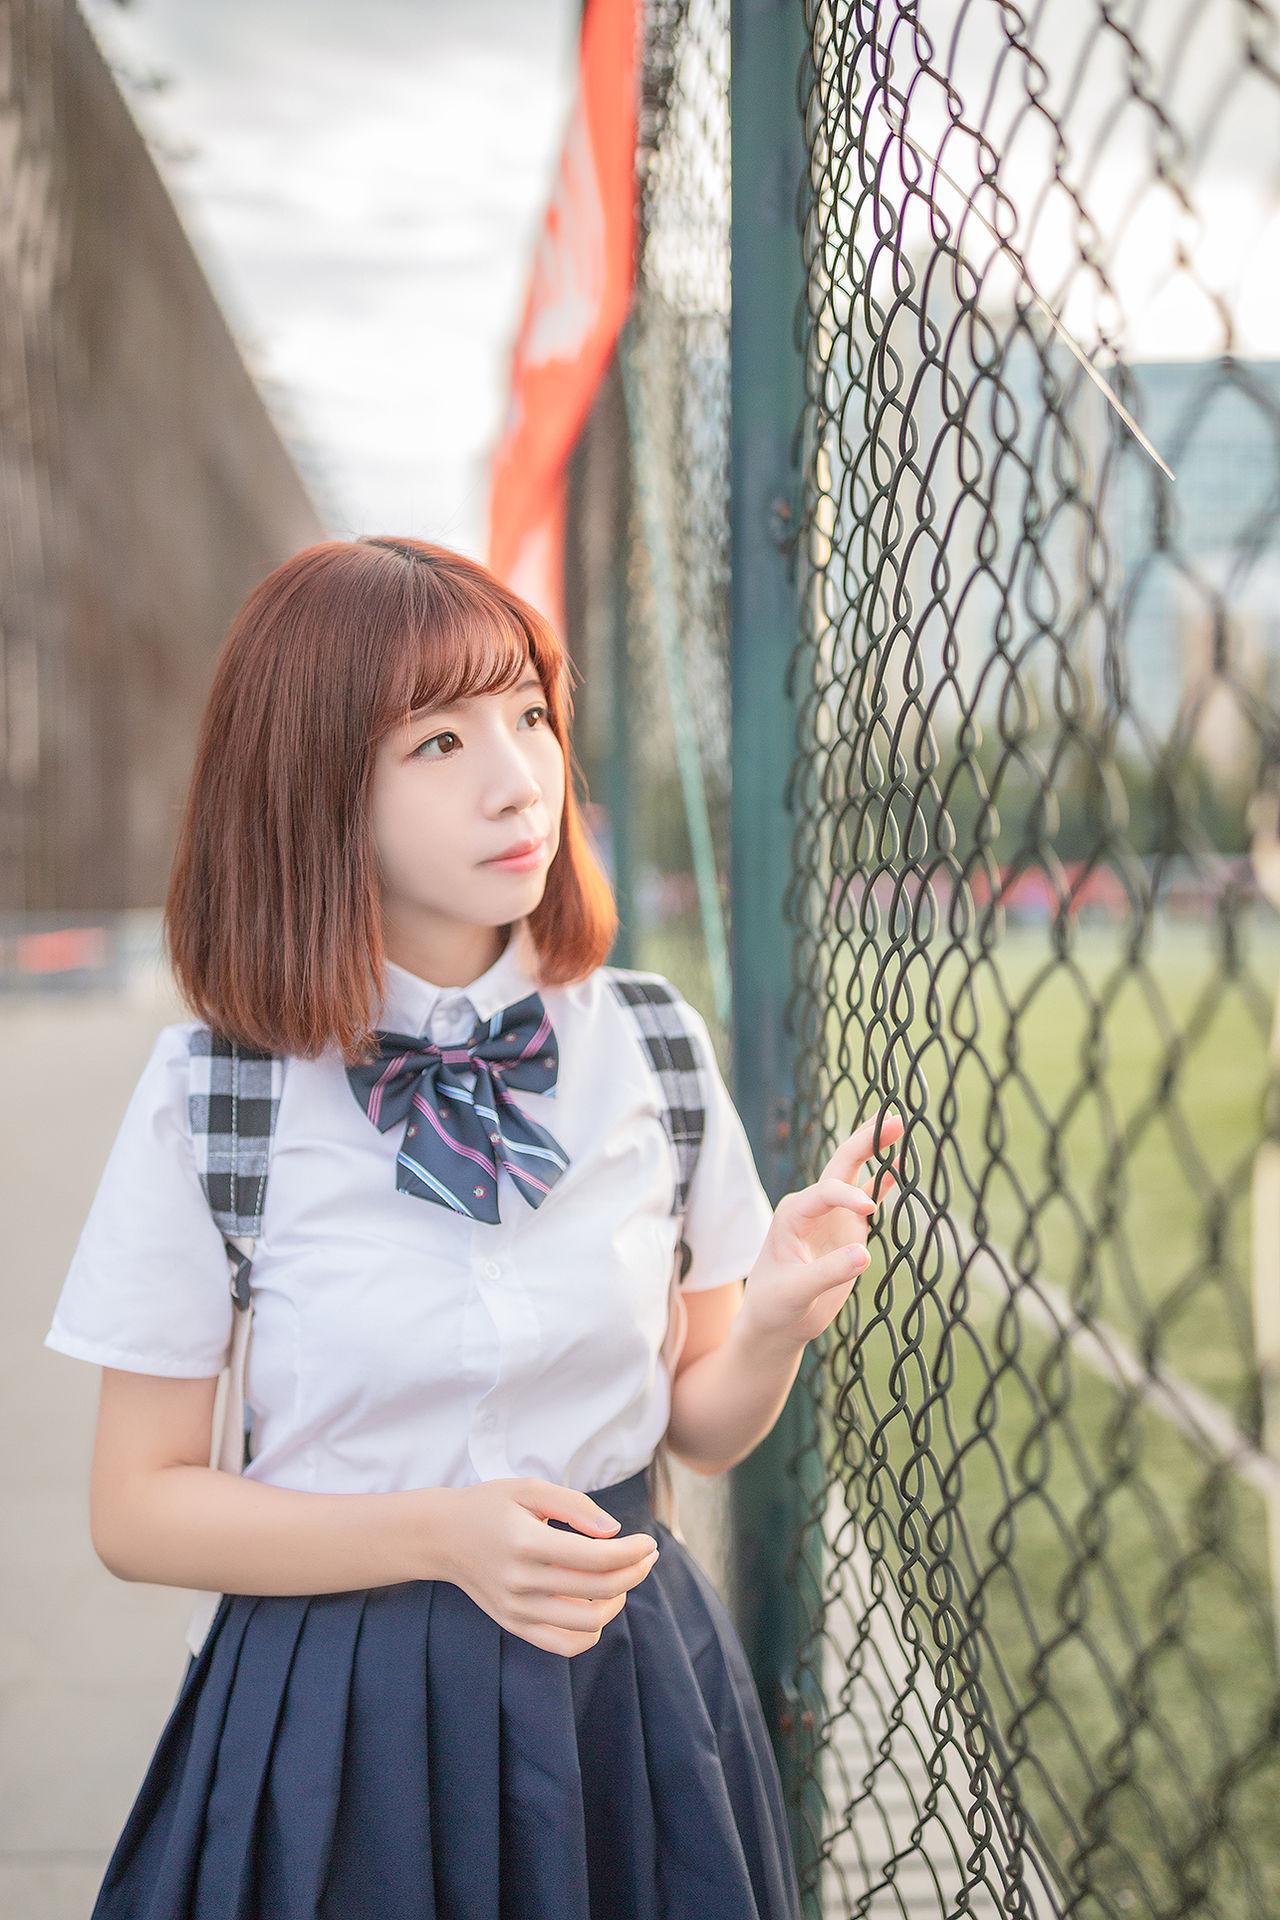 2018-10-20 同濟大學JK_攝影師郭小皓的返片